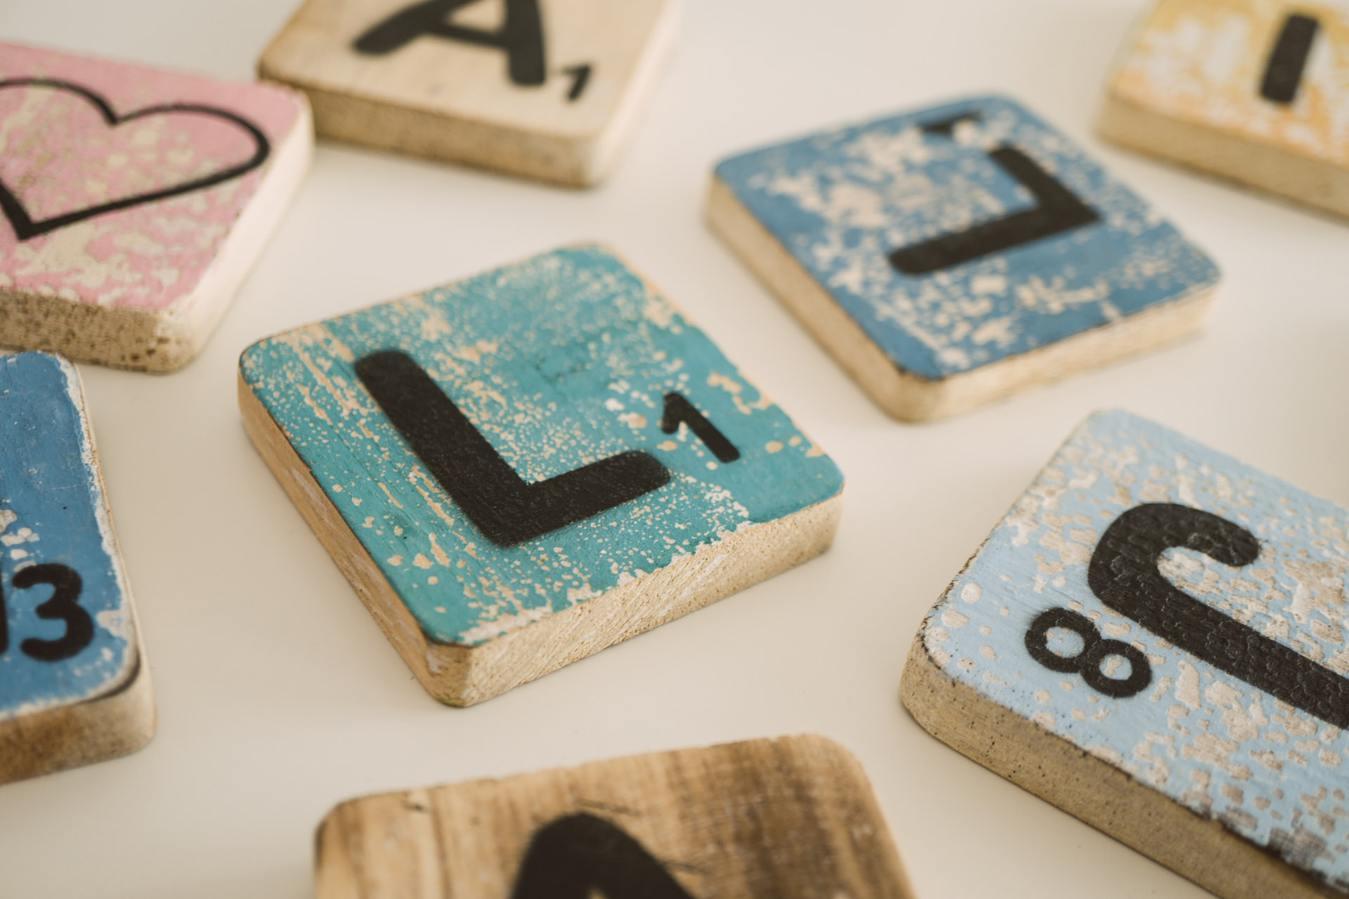 Letras em clocos de madeira